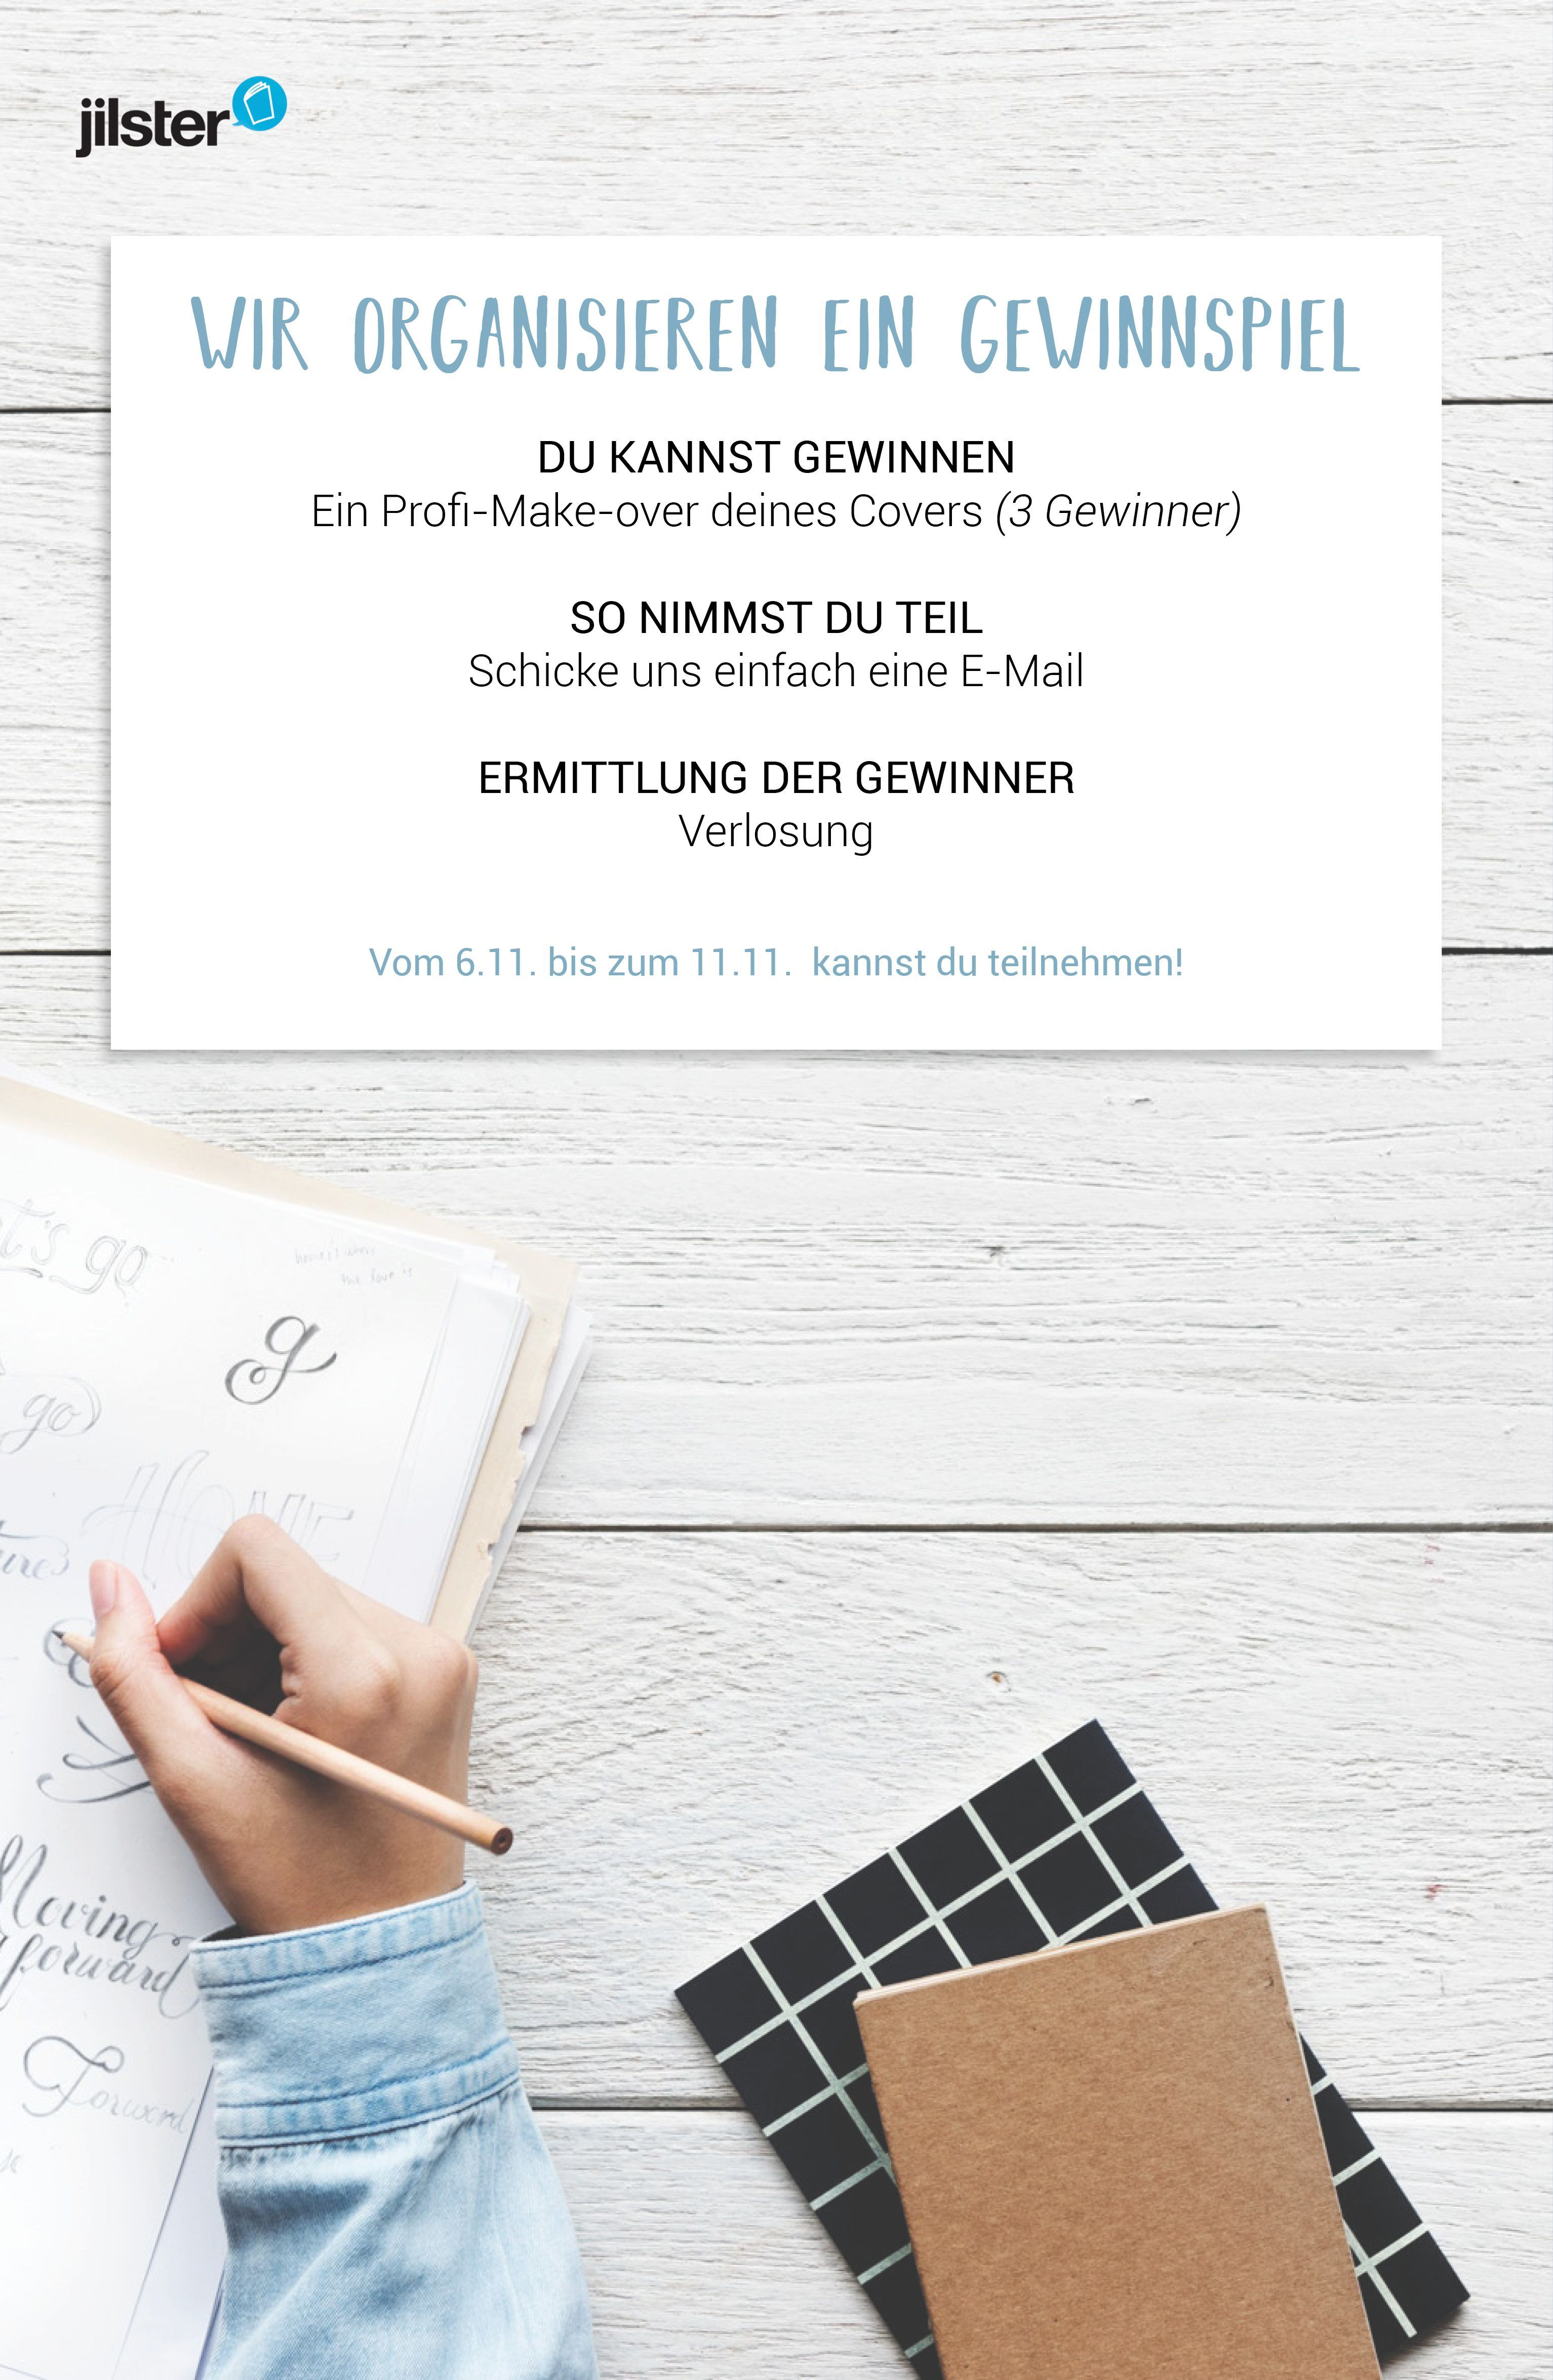 Gewinnspiel Zeitschriftencover Vom Profi Abizeitung